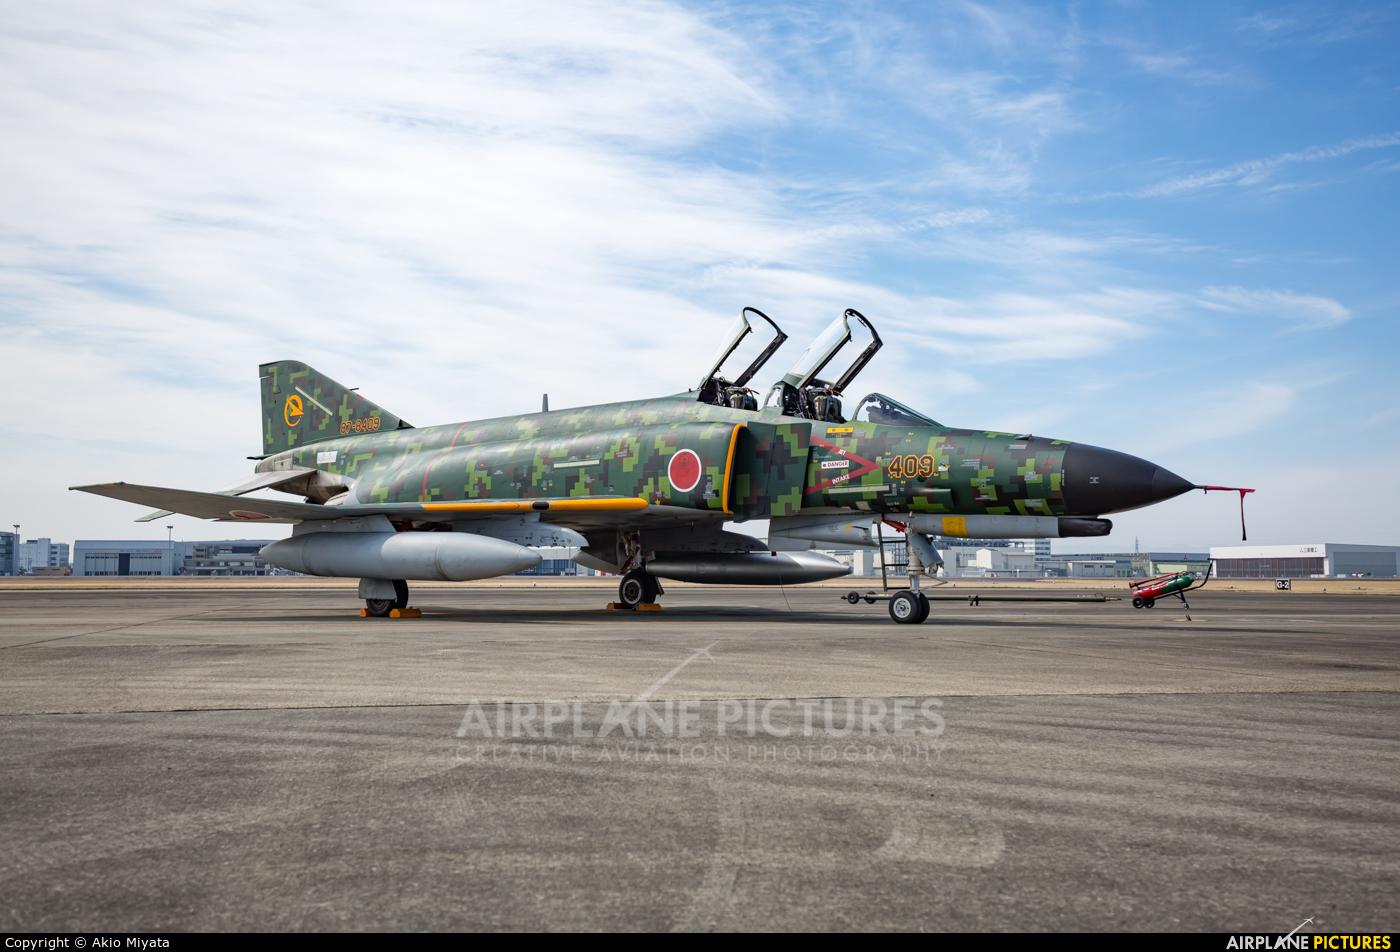 Japan - Air Self Defence Force 87-8409 aircraft at Nagoya - Komaki AB